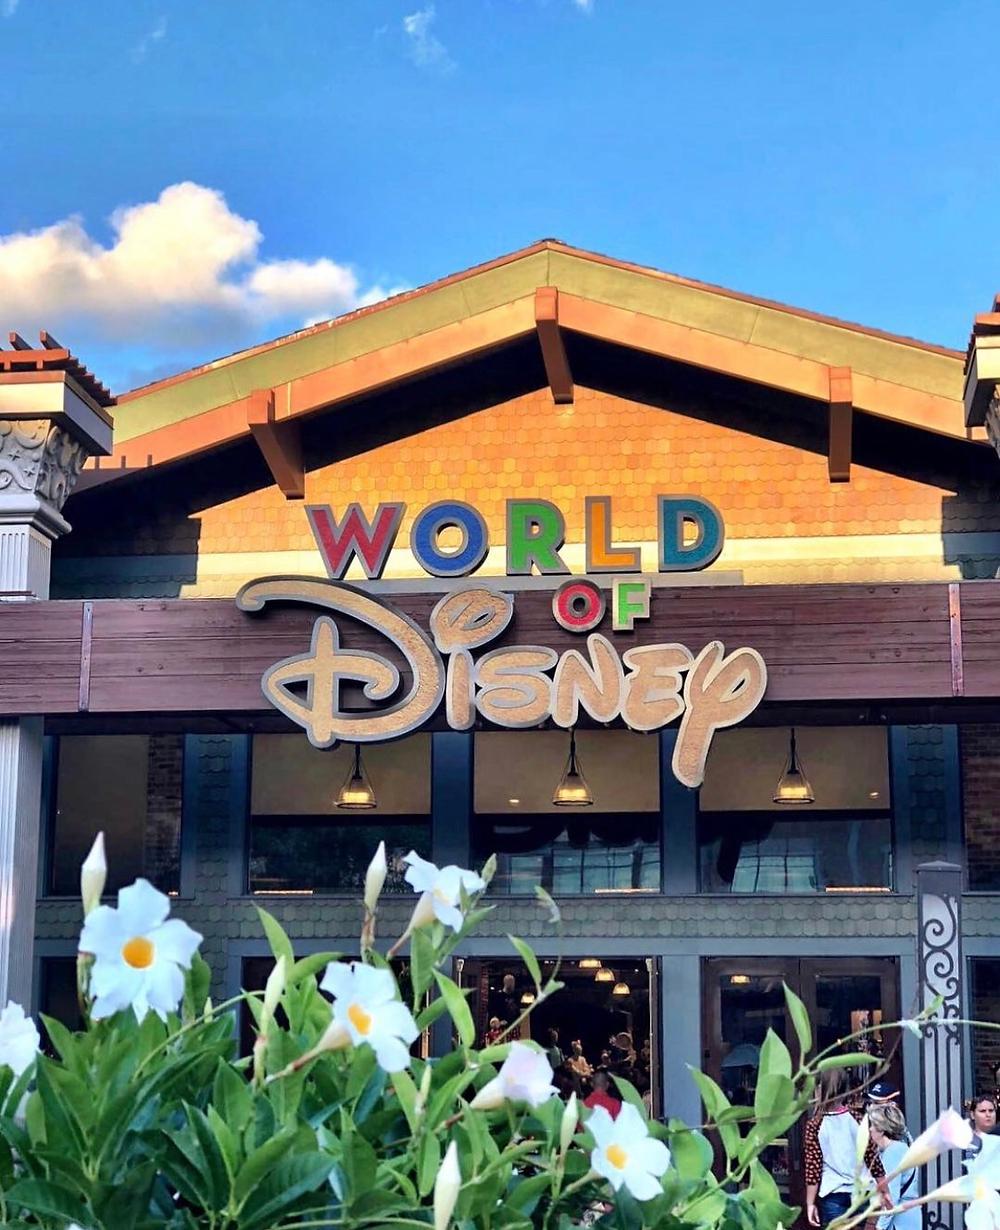 Reabertura de Disney Springs dia 20 de maio | Imagem Revista Orlando Wish